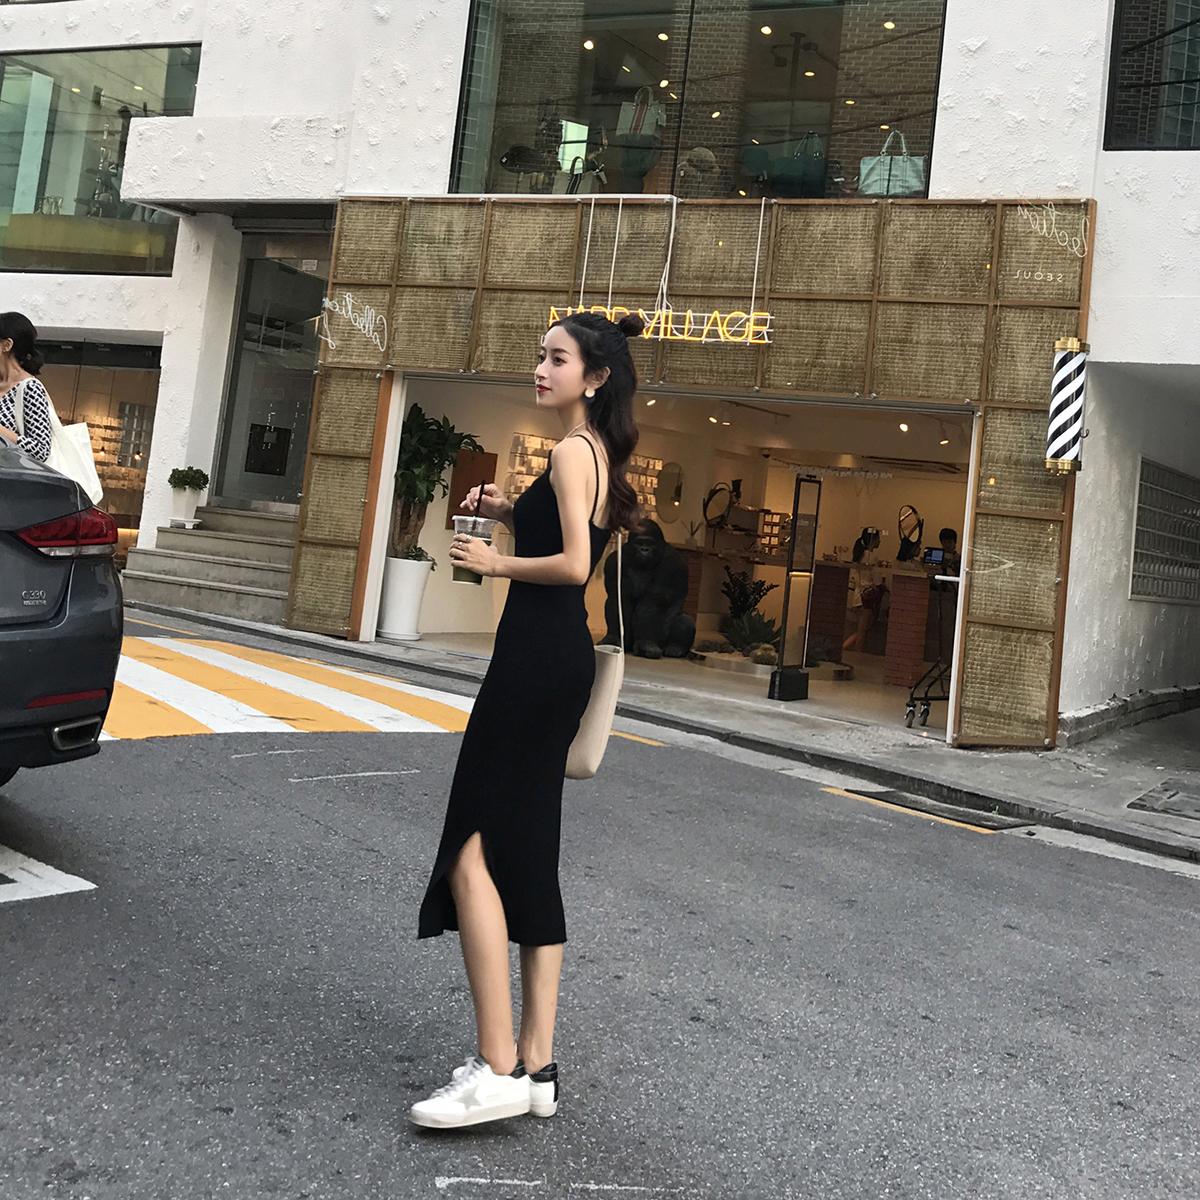 针织背心吊带连衣裙2018新款中长款黑色百搭修身显瘦秋冬打底裙子